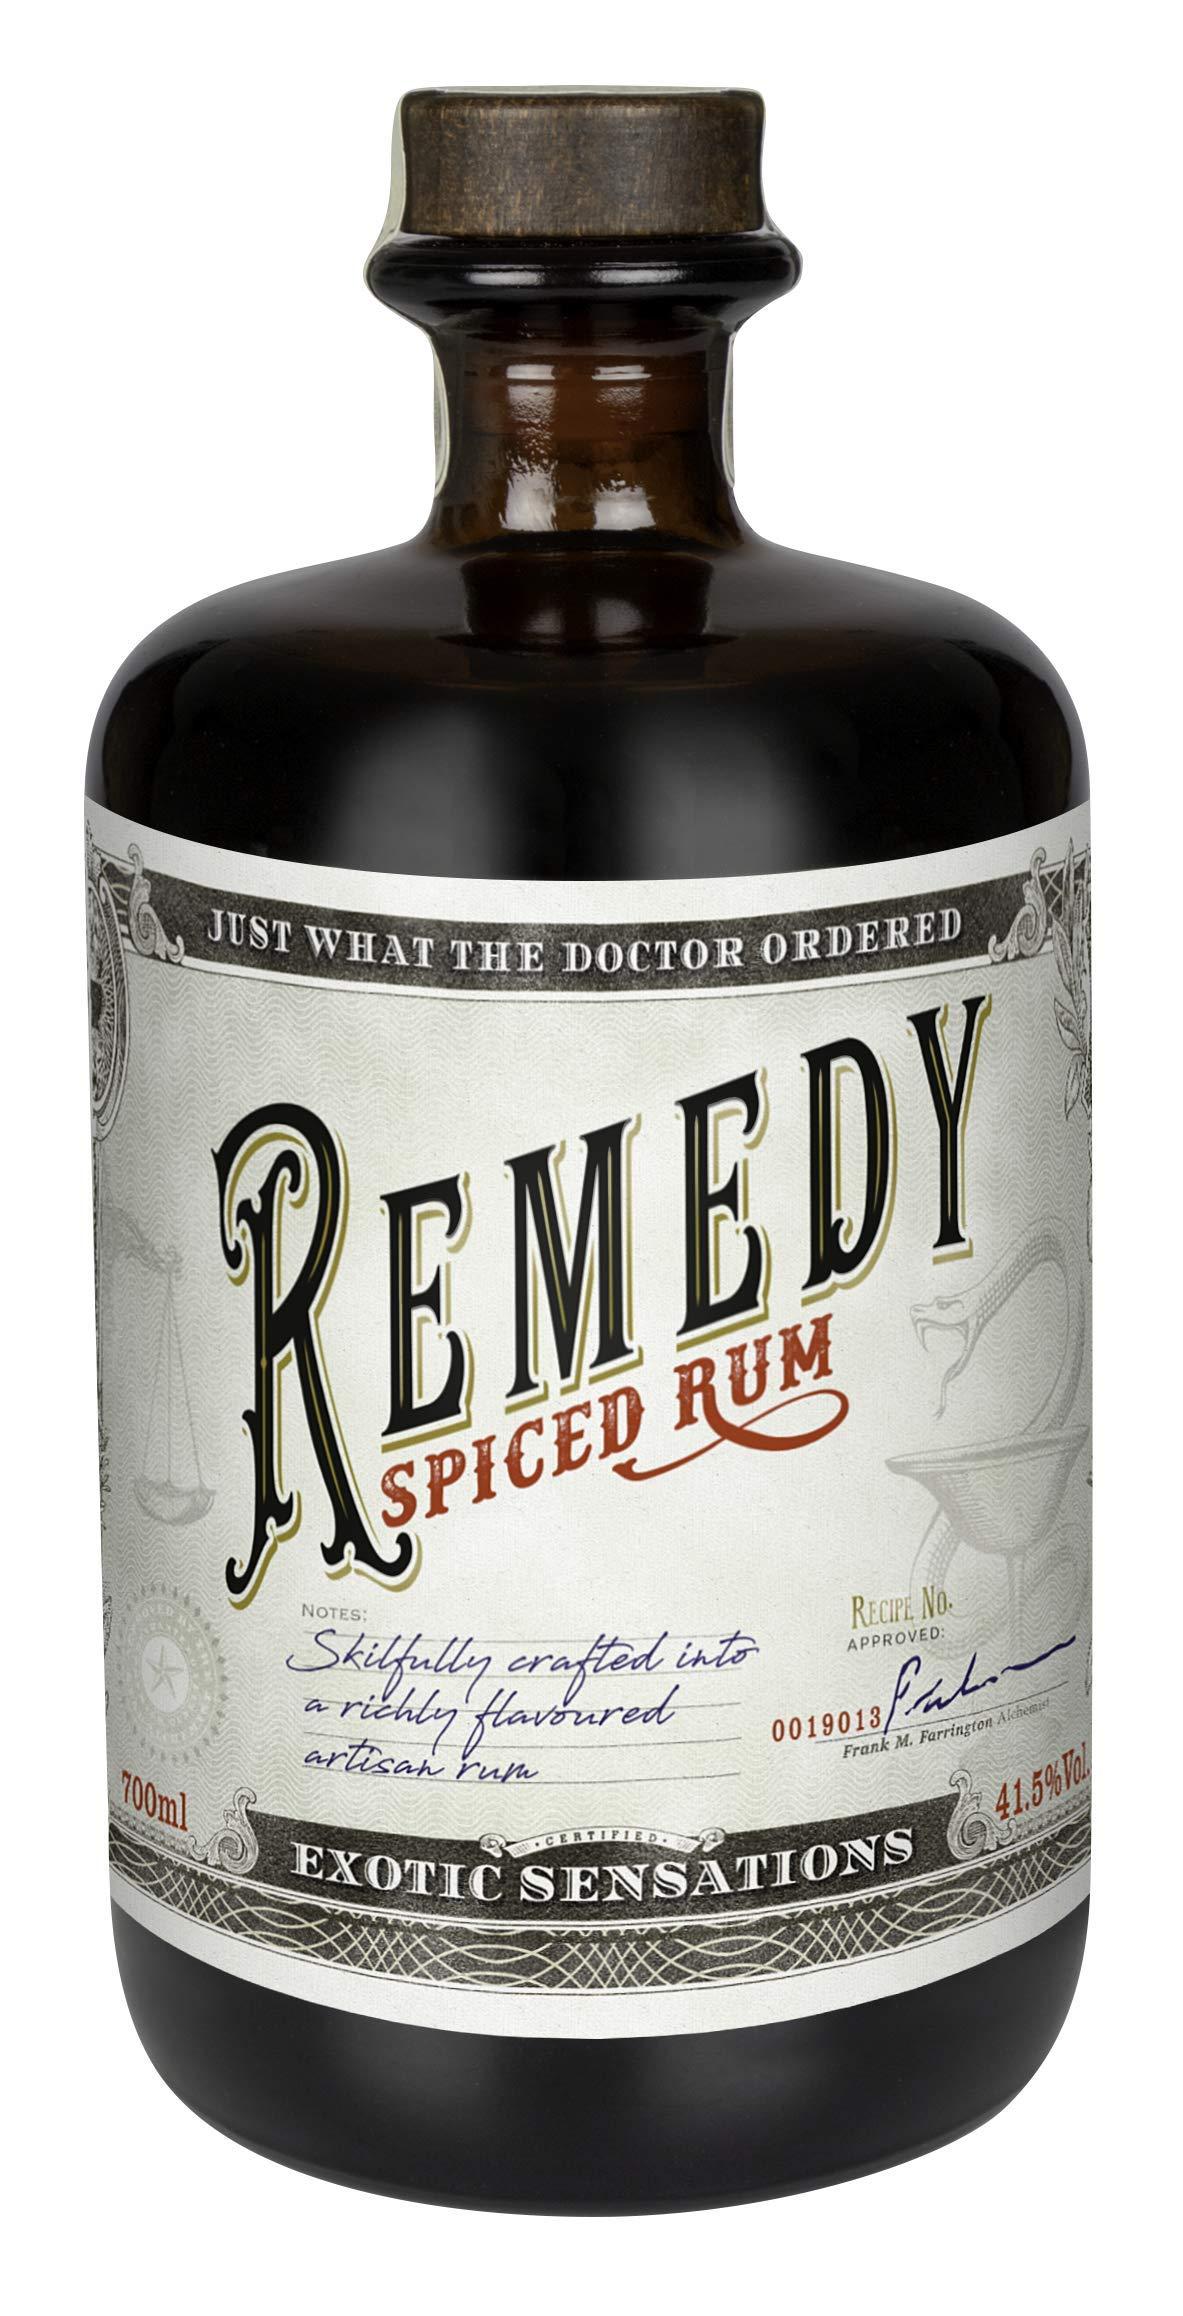 Remedy-Spiced-Rum-Basis-1-x-07-l-Remedy-Spiced-ist-ein-feiner-Blend-aus-karibischen-Rums